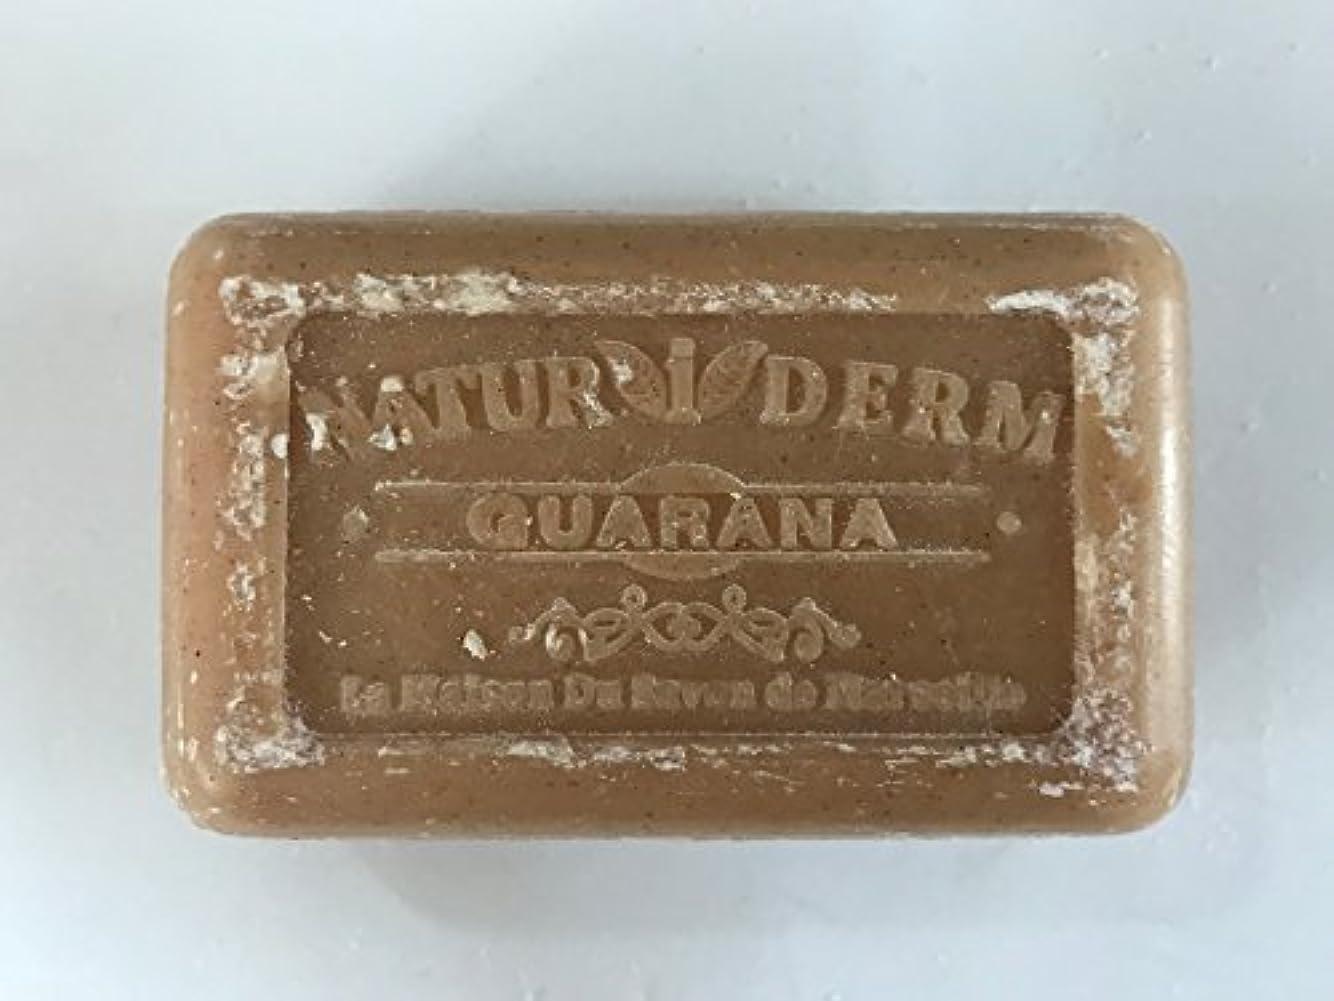 雄弁同じ不名誉なSavon de Marseille Naturiderm Soap Guarana 125g